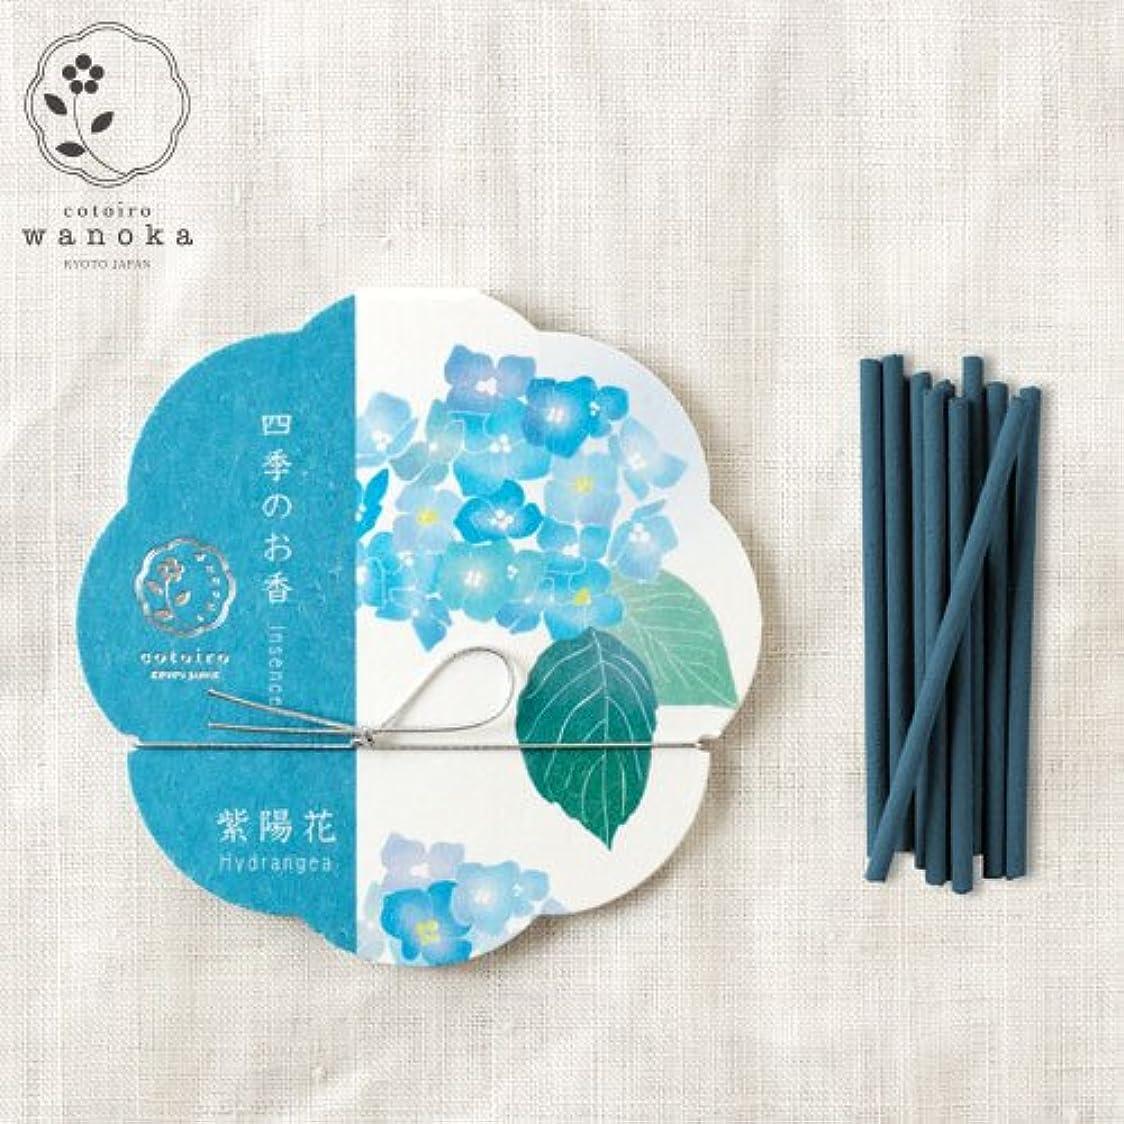 毒発信ご近所wanoka四季のお香(インセンス)紫陽花《紫陽花をイメージした優しい香り》ART LABIncense stick